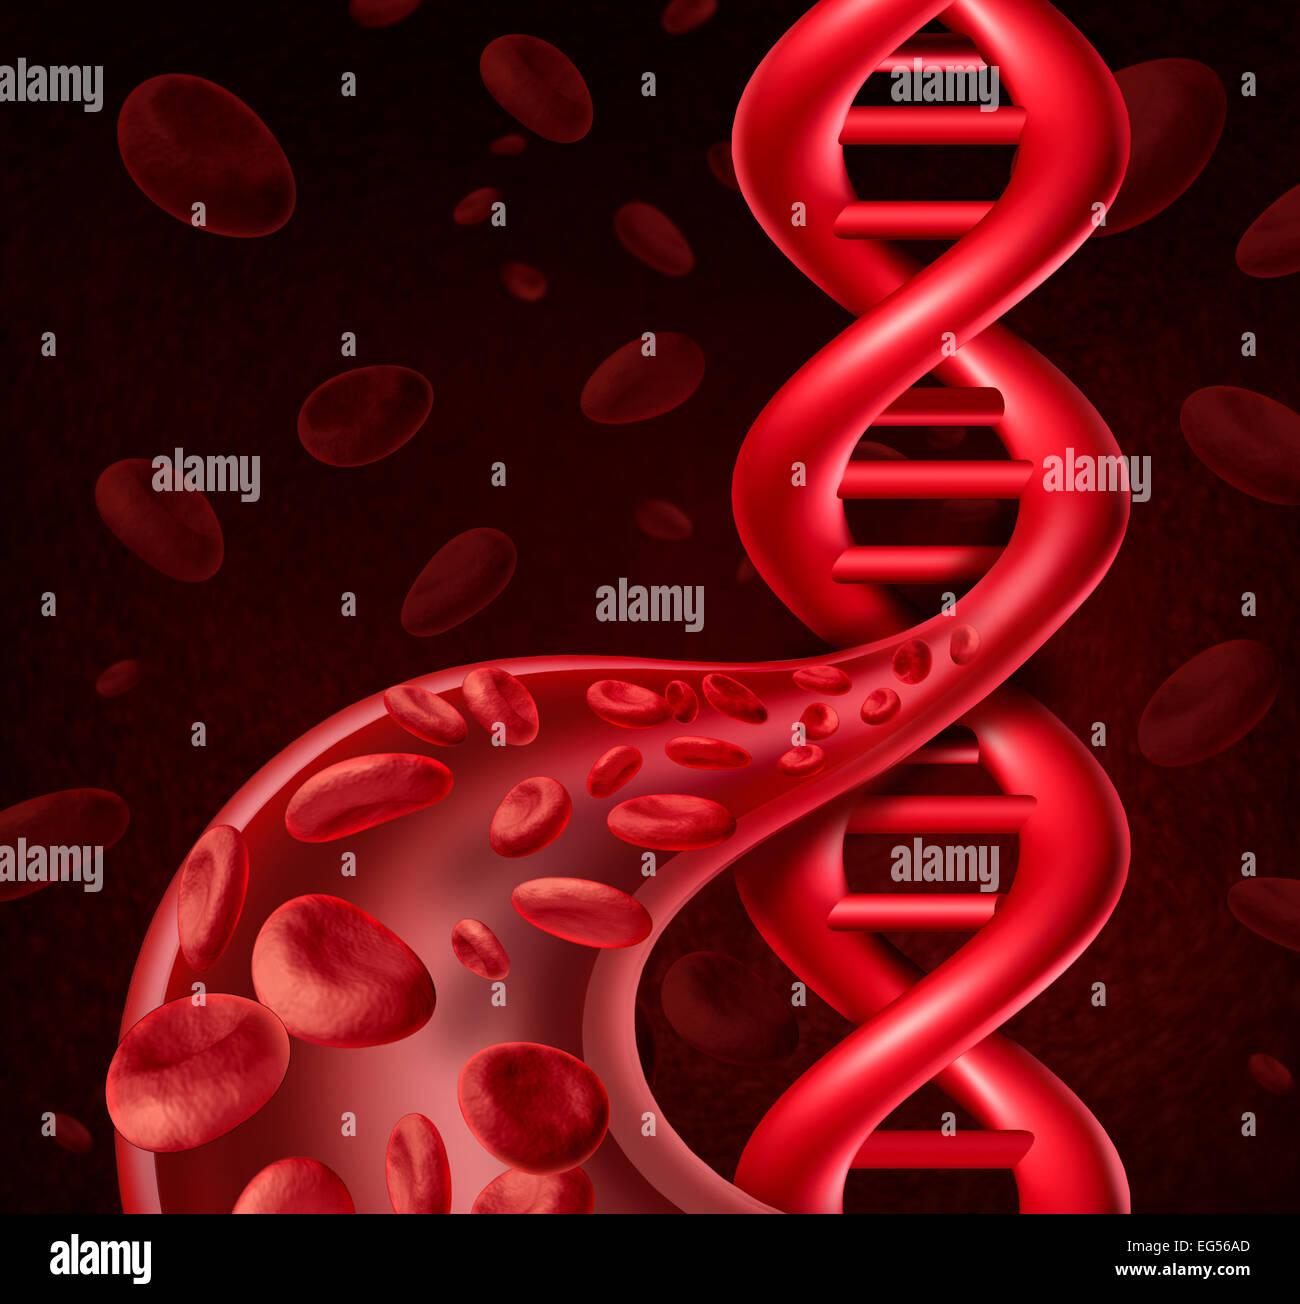 Il DNA delle cellule del sangue come concetto viens umana e nelle arterie conformata come una doppia elica simbolo Immagini Stock